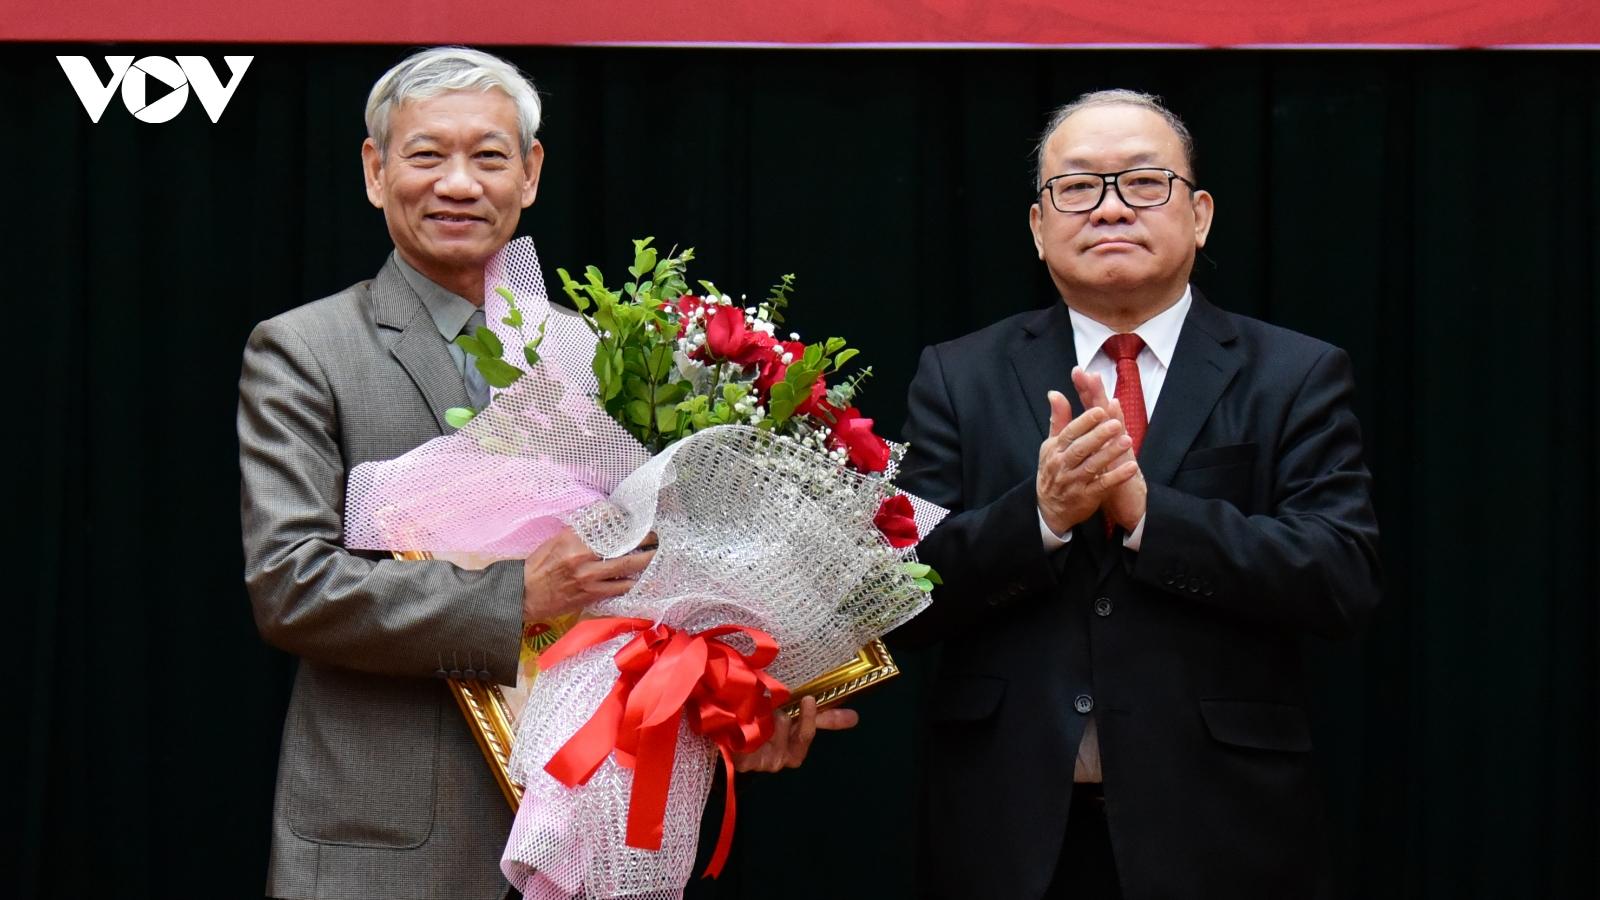 Bí thư Tỉnh ủy Kim Ngọc và tư duy đổi mới, phát triển nông nghiệp